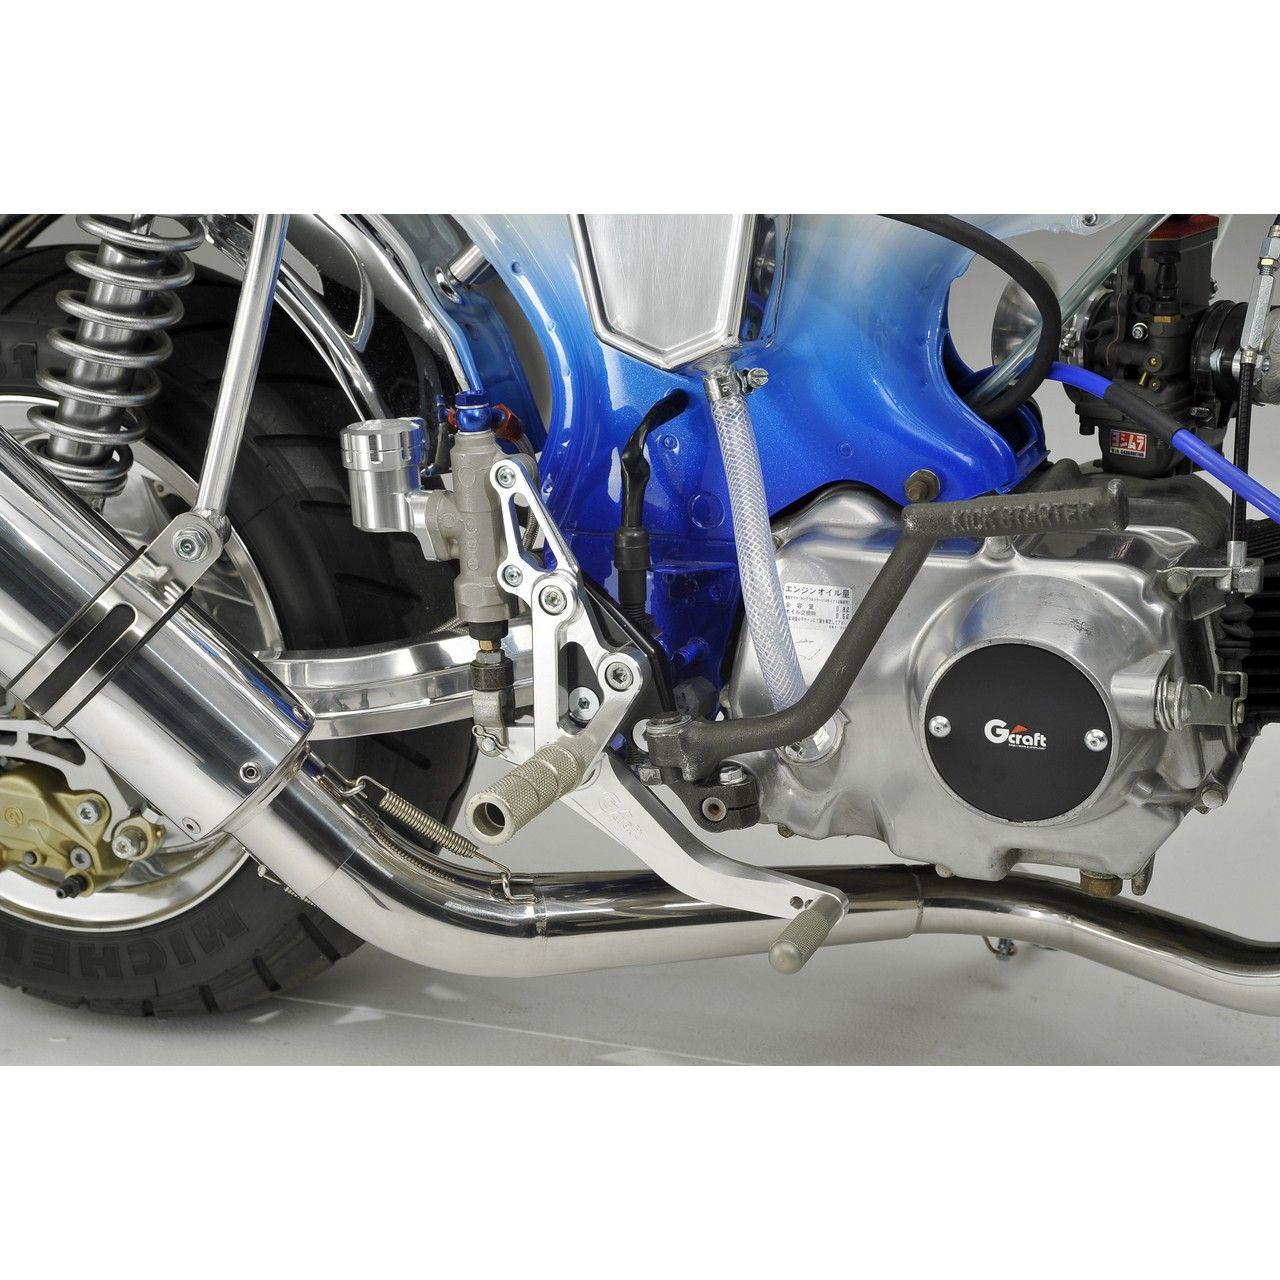 【G-Craft】DAX專用腳踏後移套件碟式煞車專用 - 「Webike-摩托百貨」